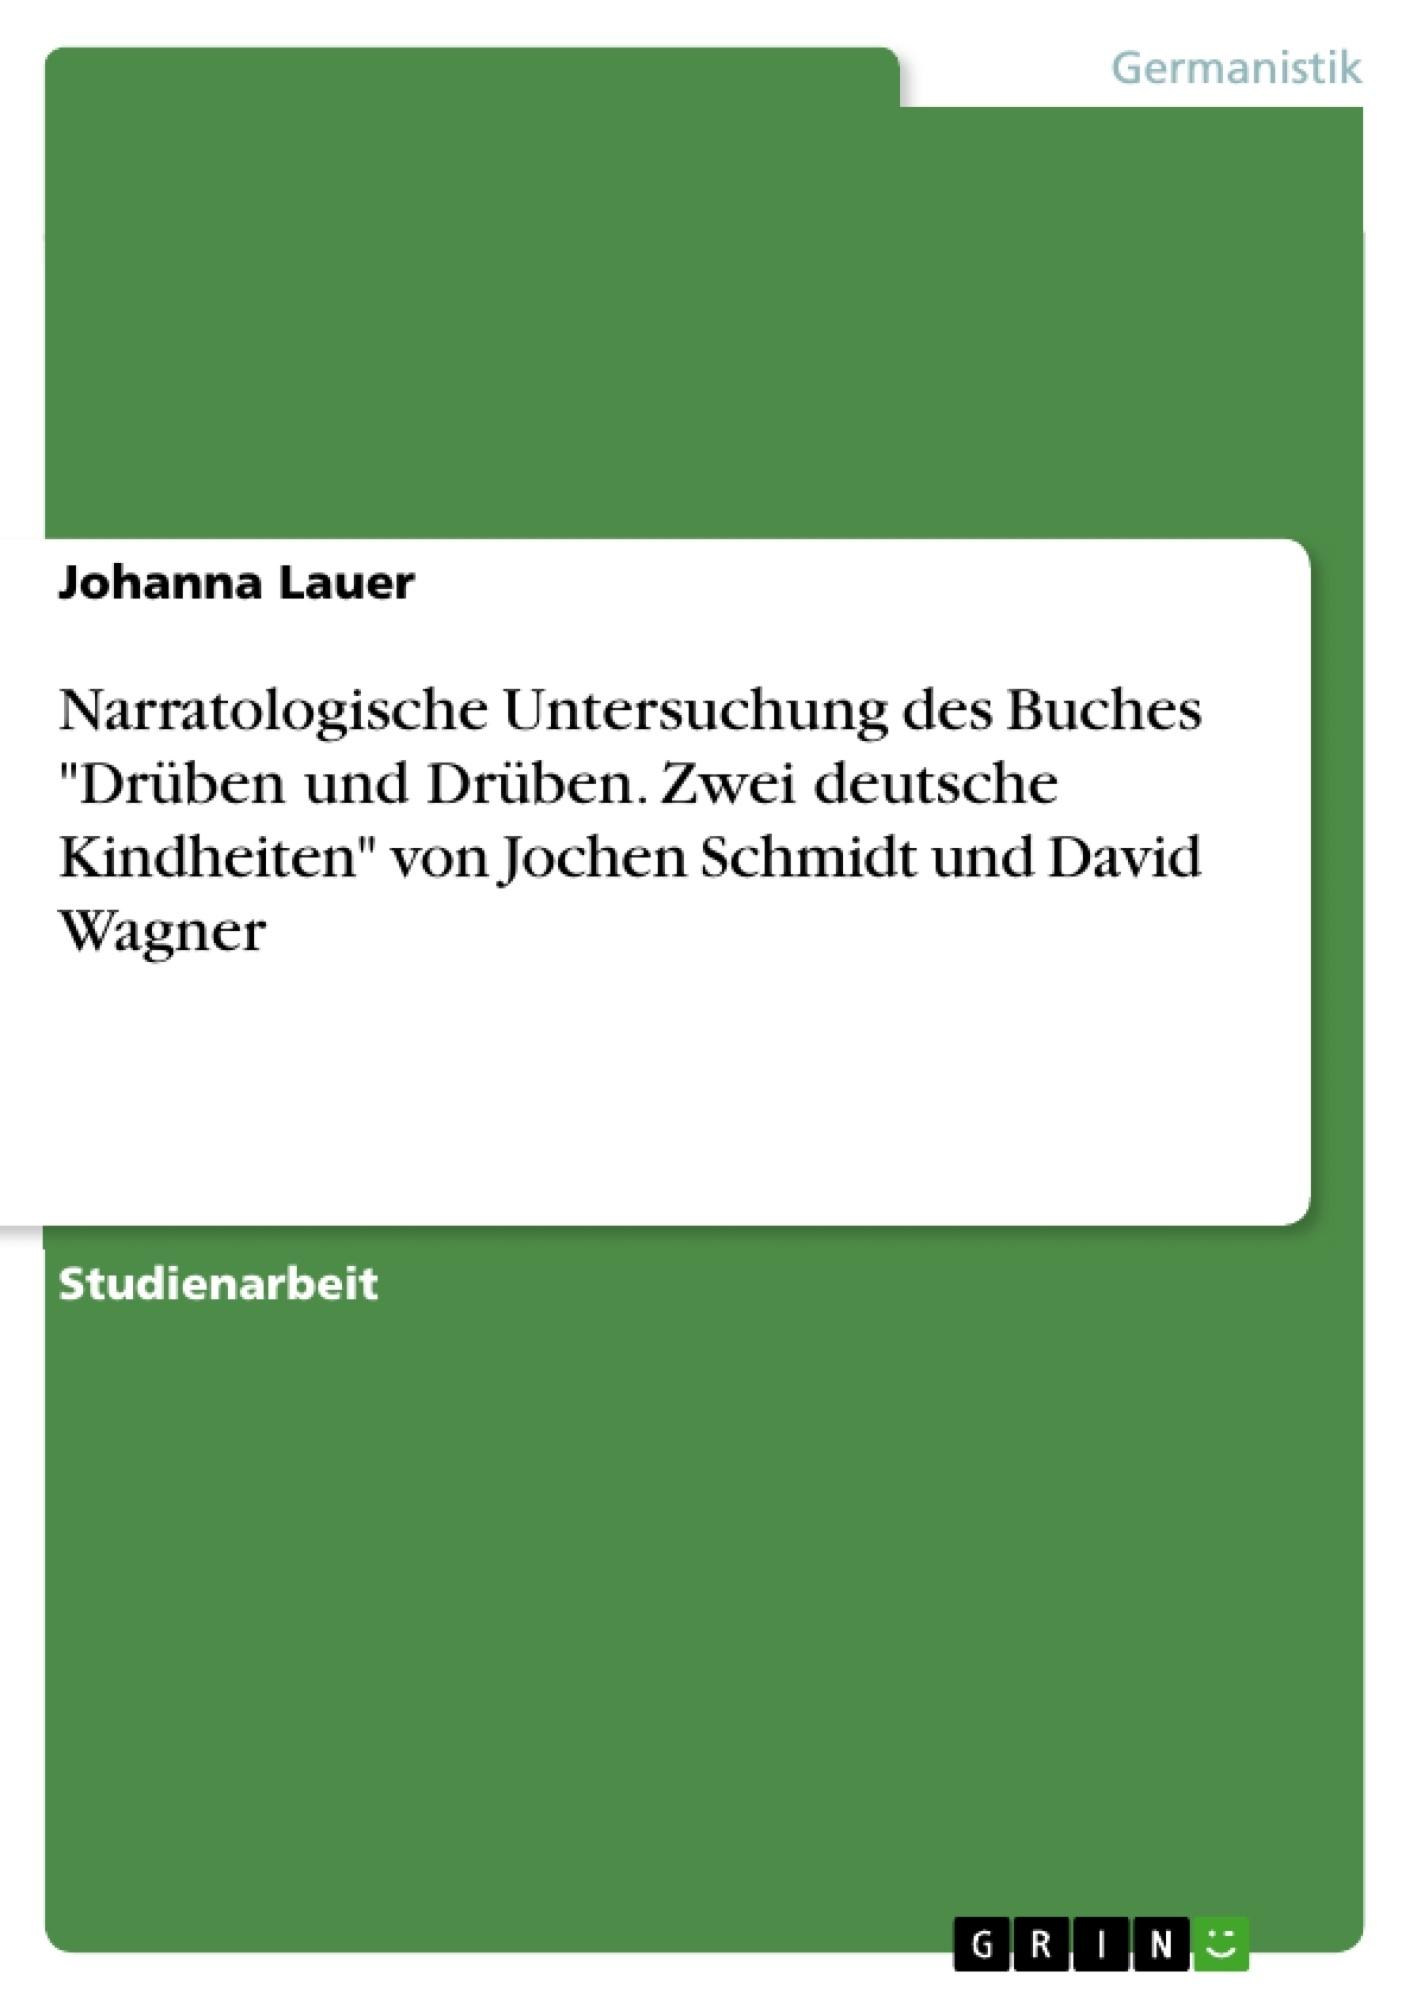 """Titel: Narratologische Untersuchung des Buches """"Drüben und Drüben. Zwei deutsche Kindheiten"""" von Jochen Schmidt und David Wagner"""